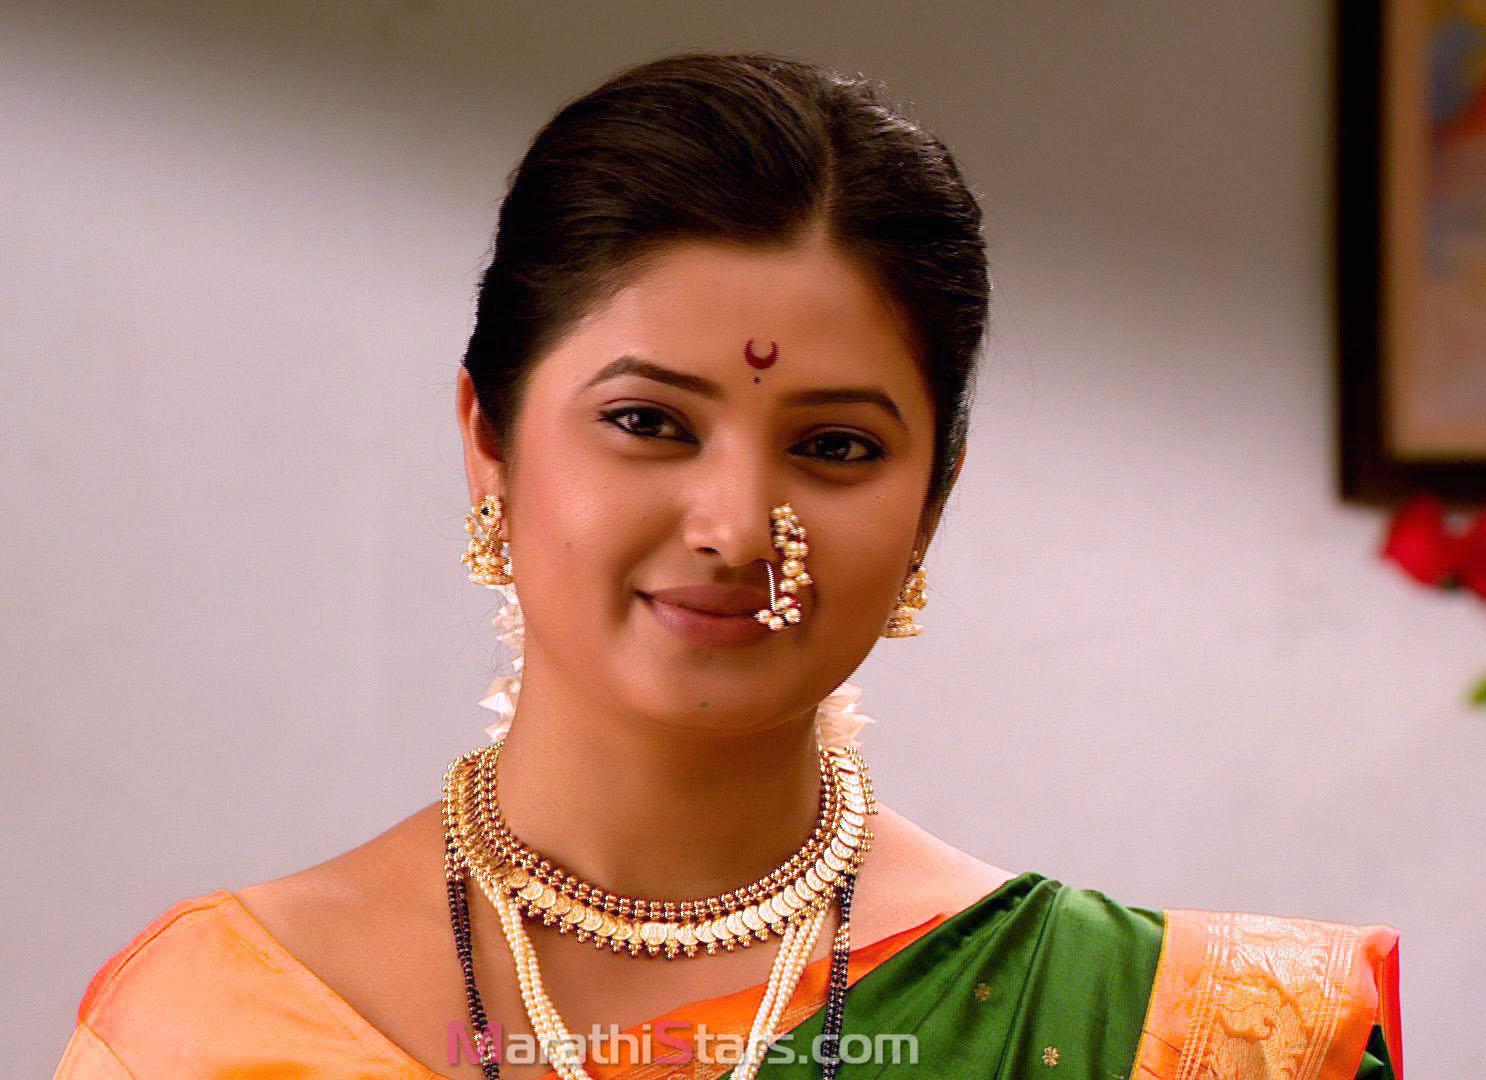 marathi models hd images